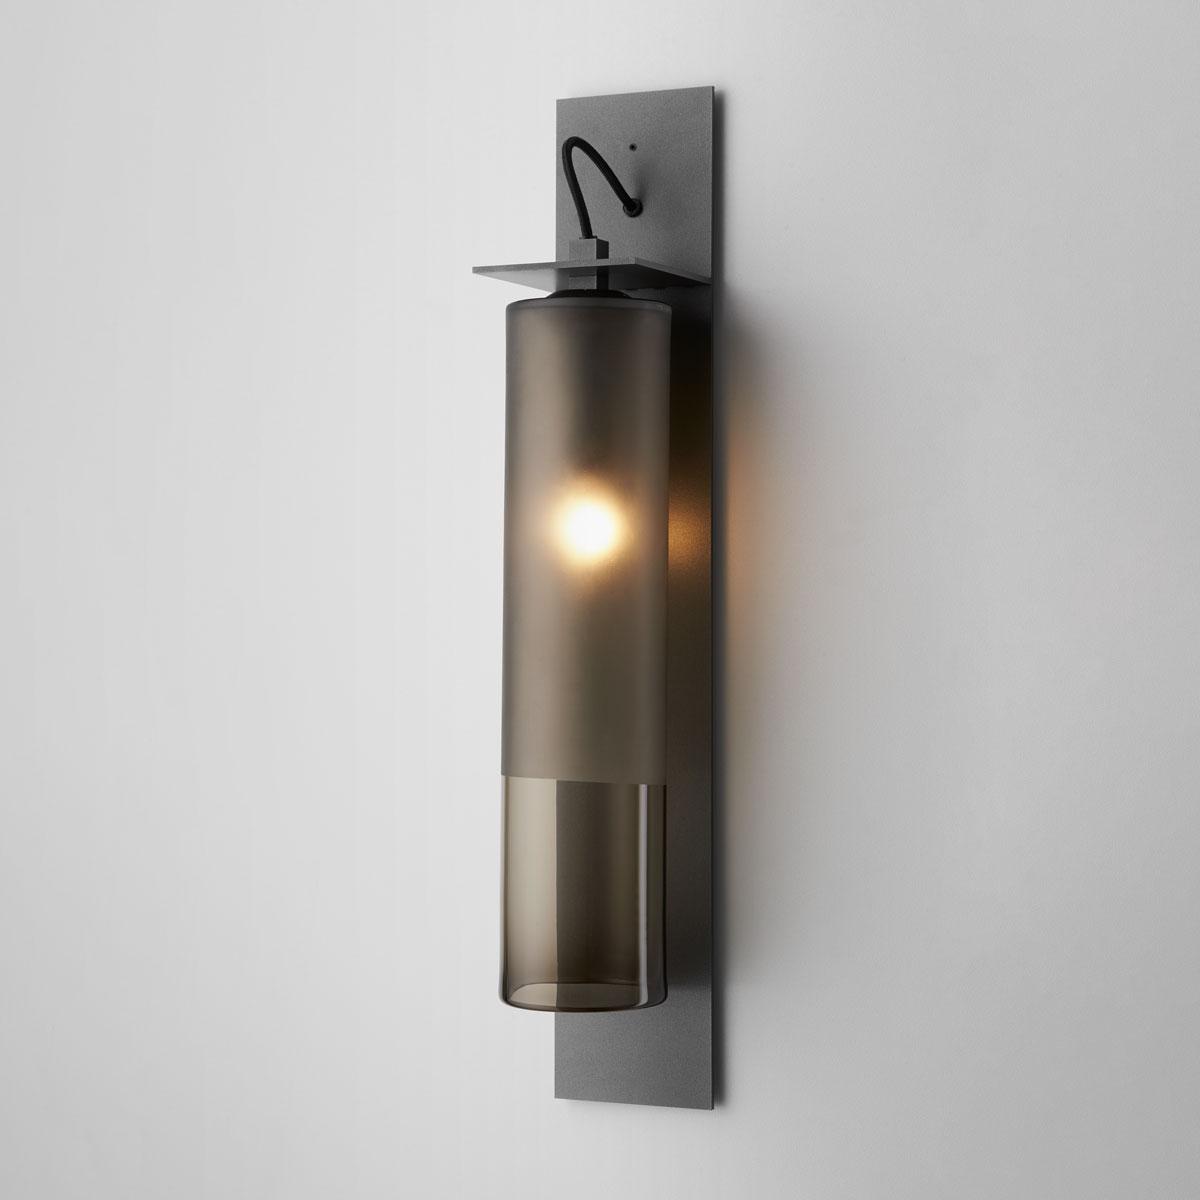 Articolo lighting eclipse wall sconce tall smoke frost articolo black black flex on